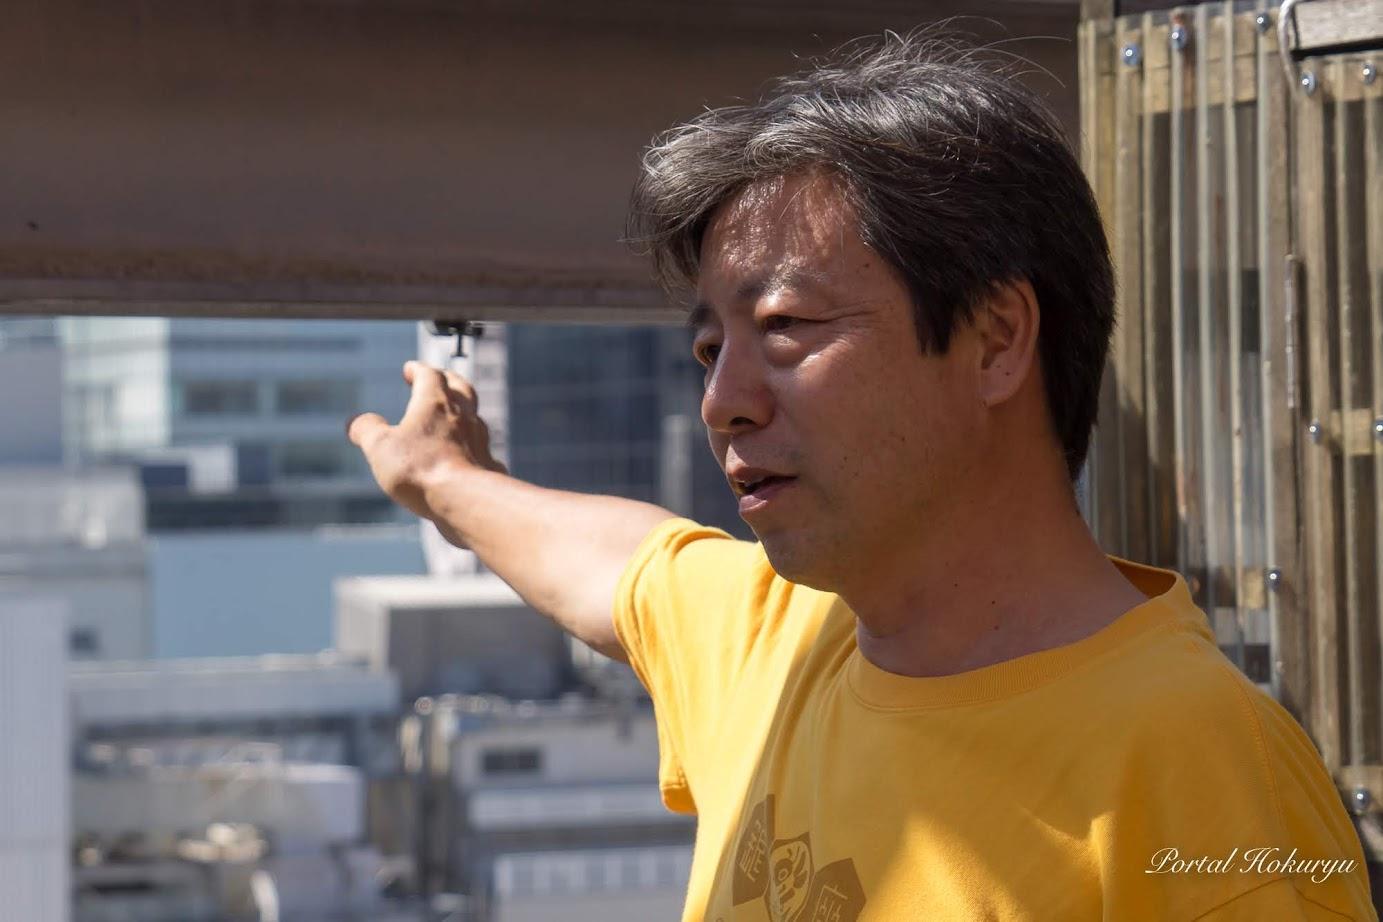 NPO法人 銀座ミツバチプロジェクト・田中淳夫 理事長